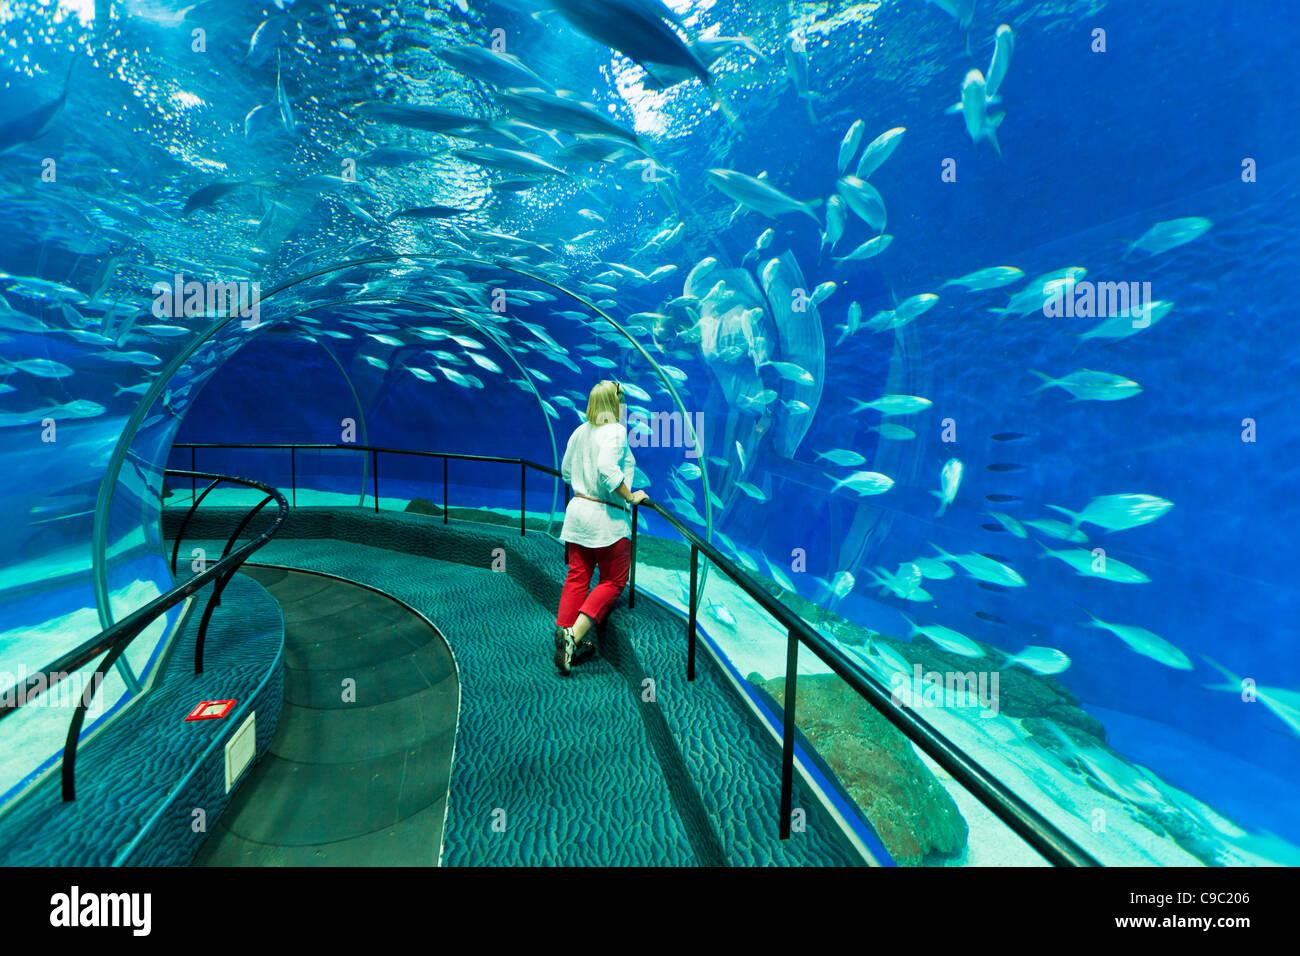 Woman à Shanghai ocean Aquarium, République populaire de Chine, République populaire de Chine, l'Asie Photo Stock